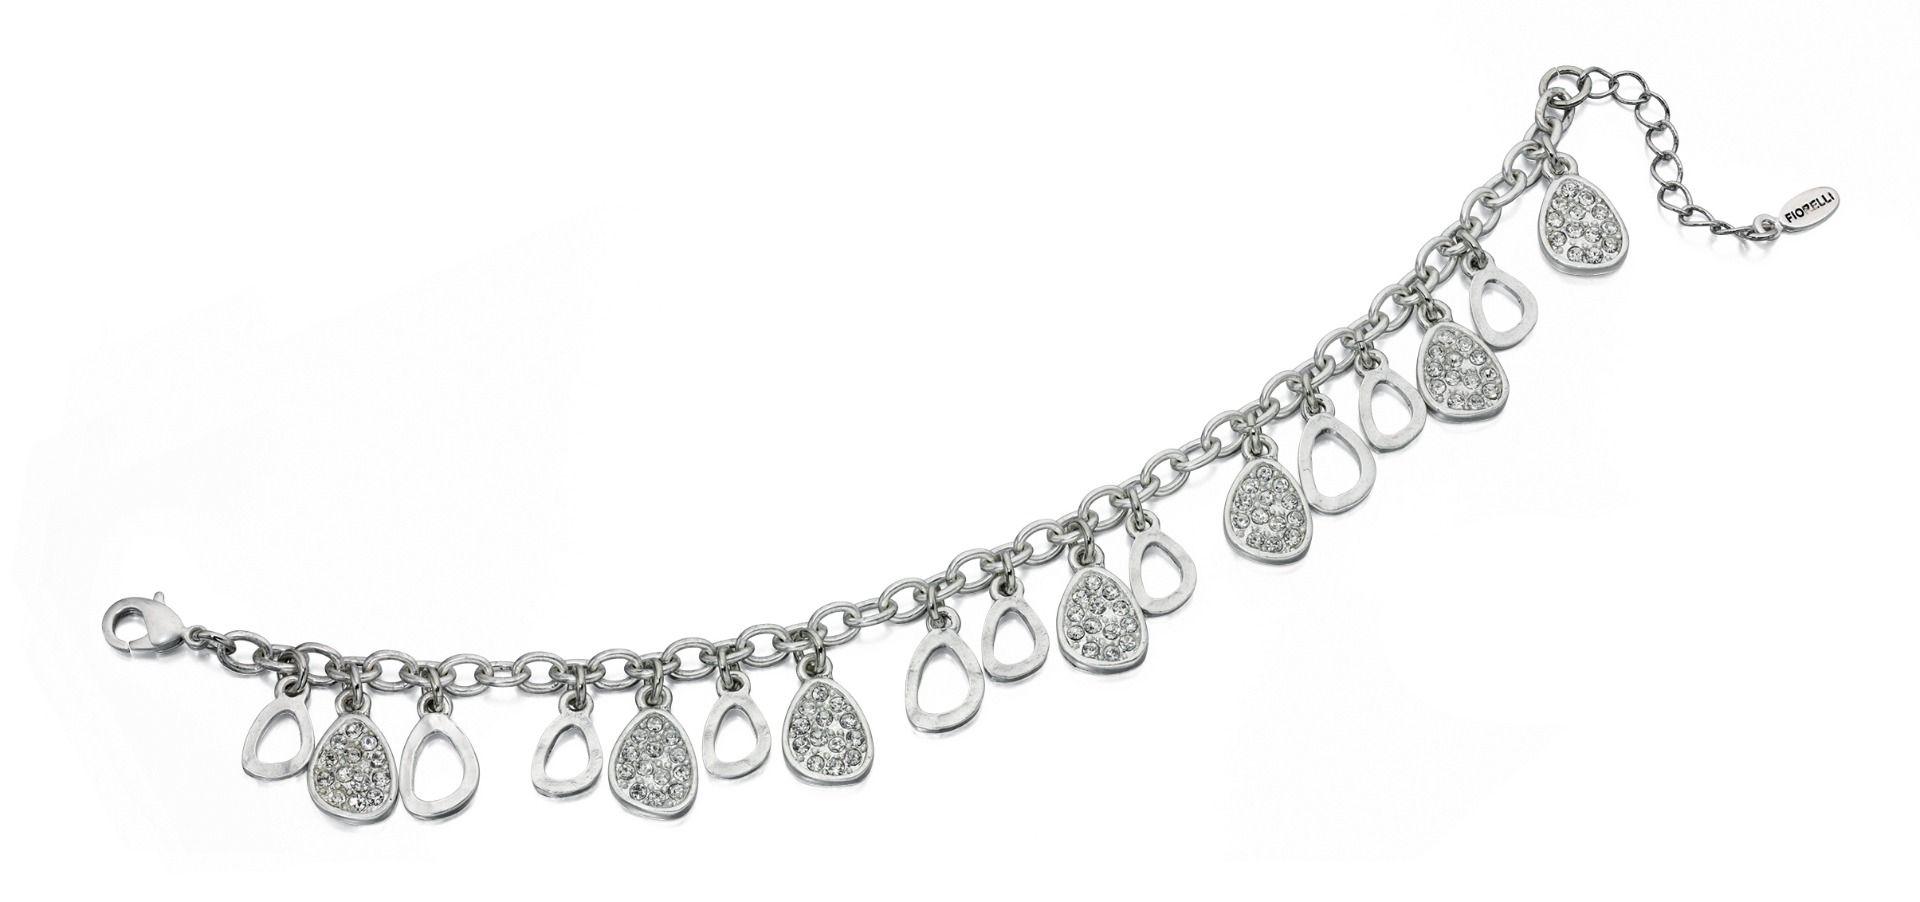 Fiorelli Fashion Imitation Rhodium Plated Crystal Teardrop Charms Bracelet 19cm + 3cm